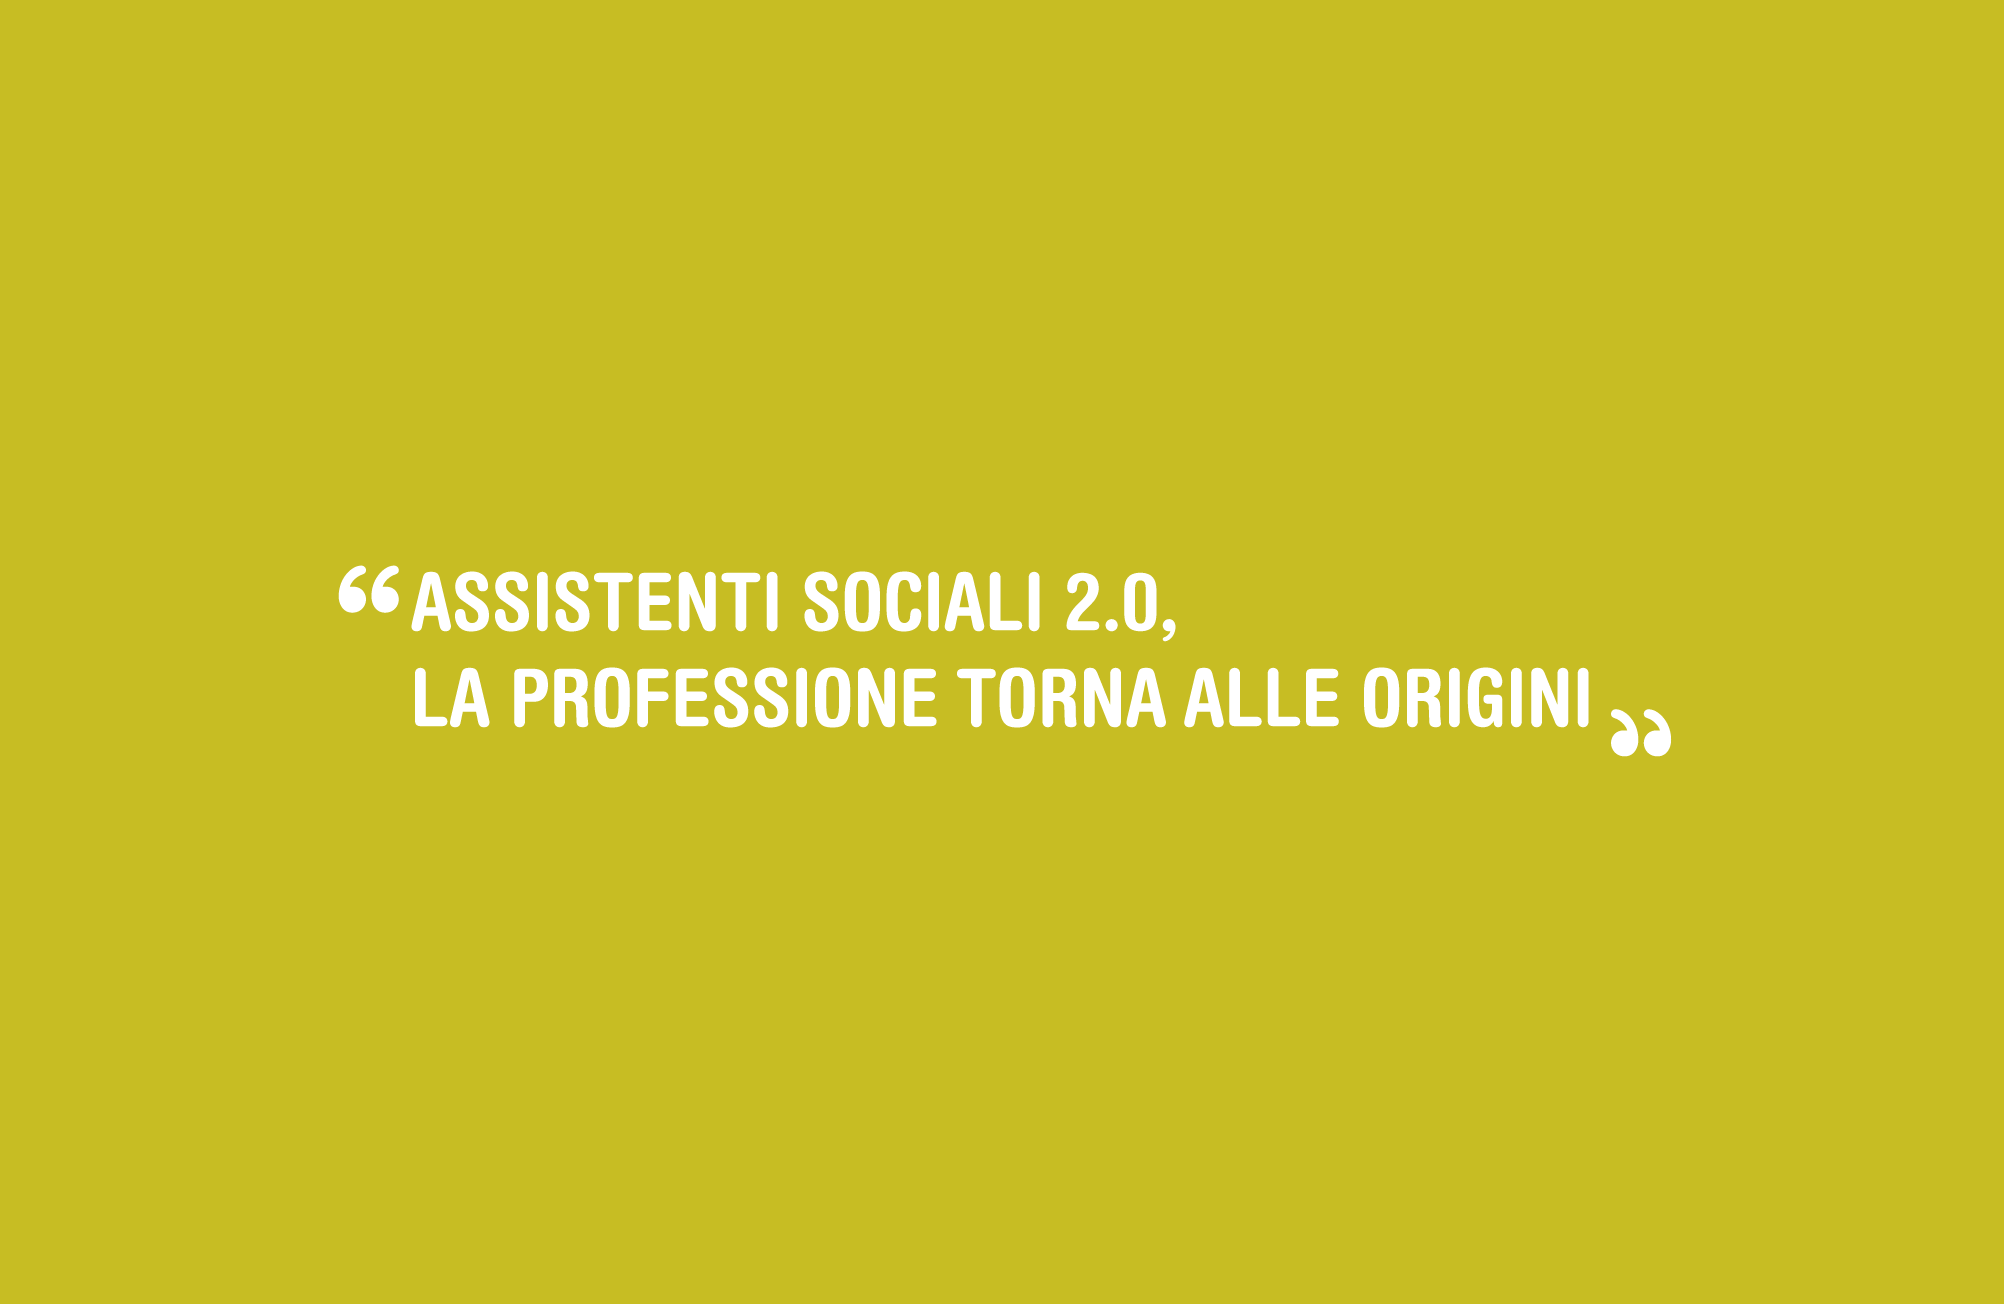 Patrizia Marzo – Assistenti sociali 2.0, la professione torna alle origini per far crescere la comunità